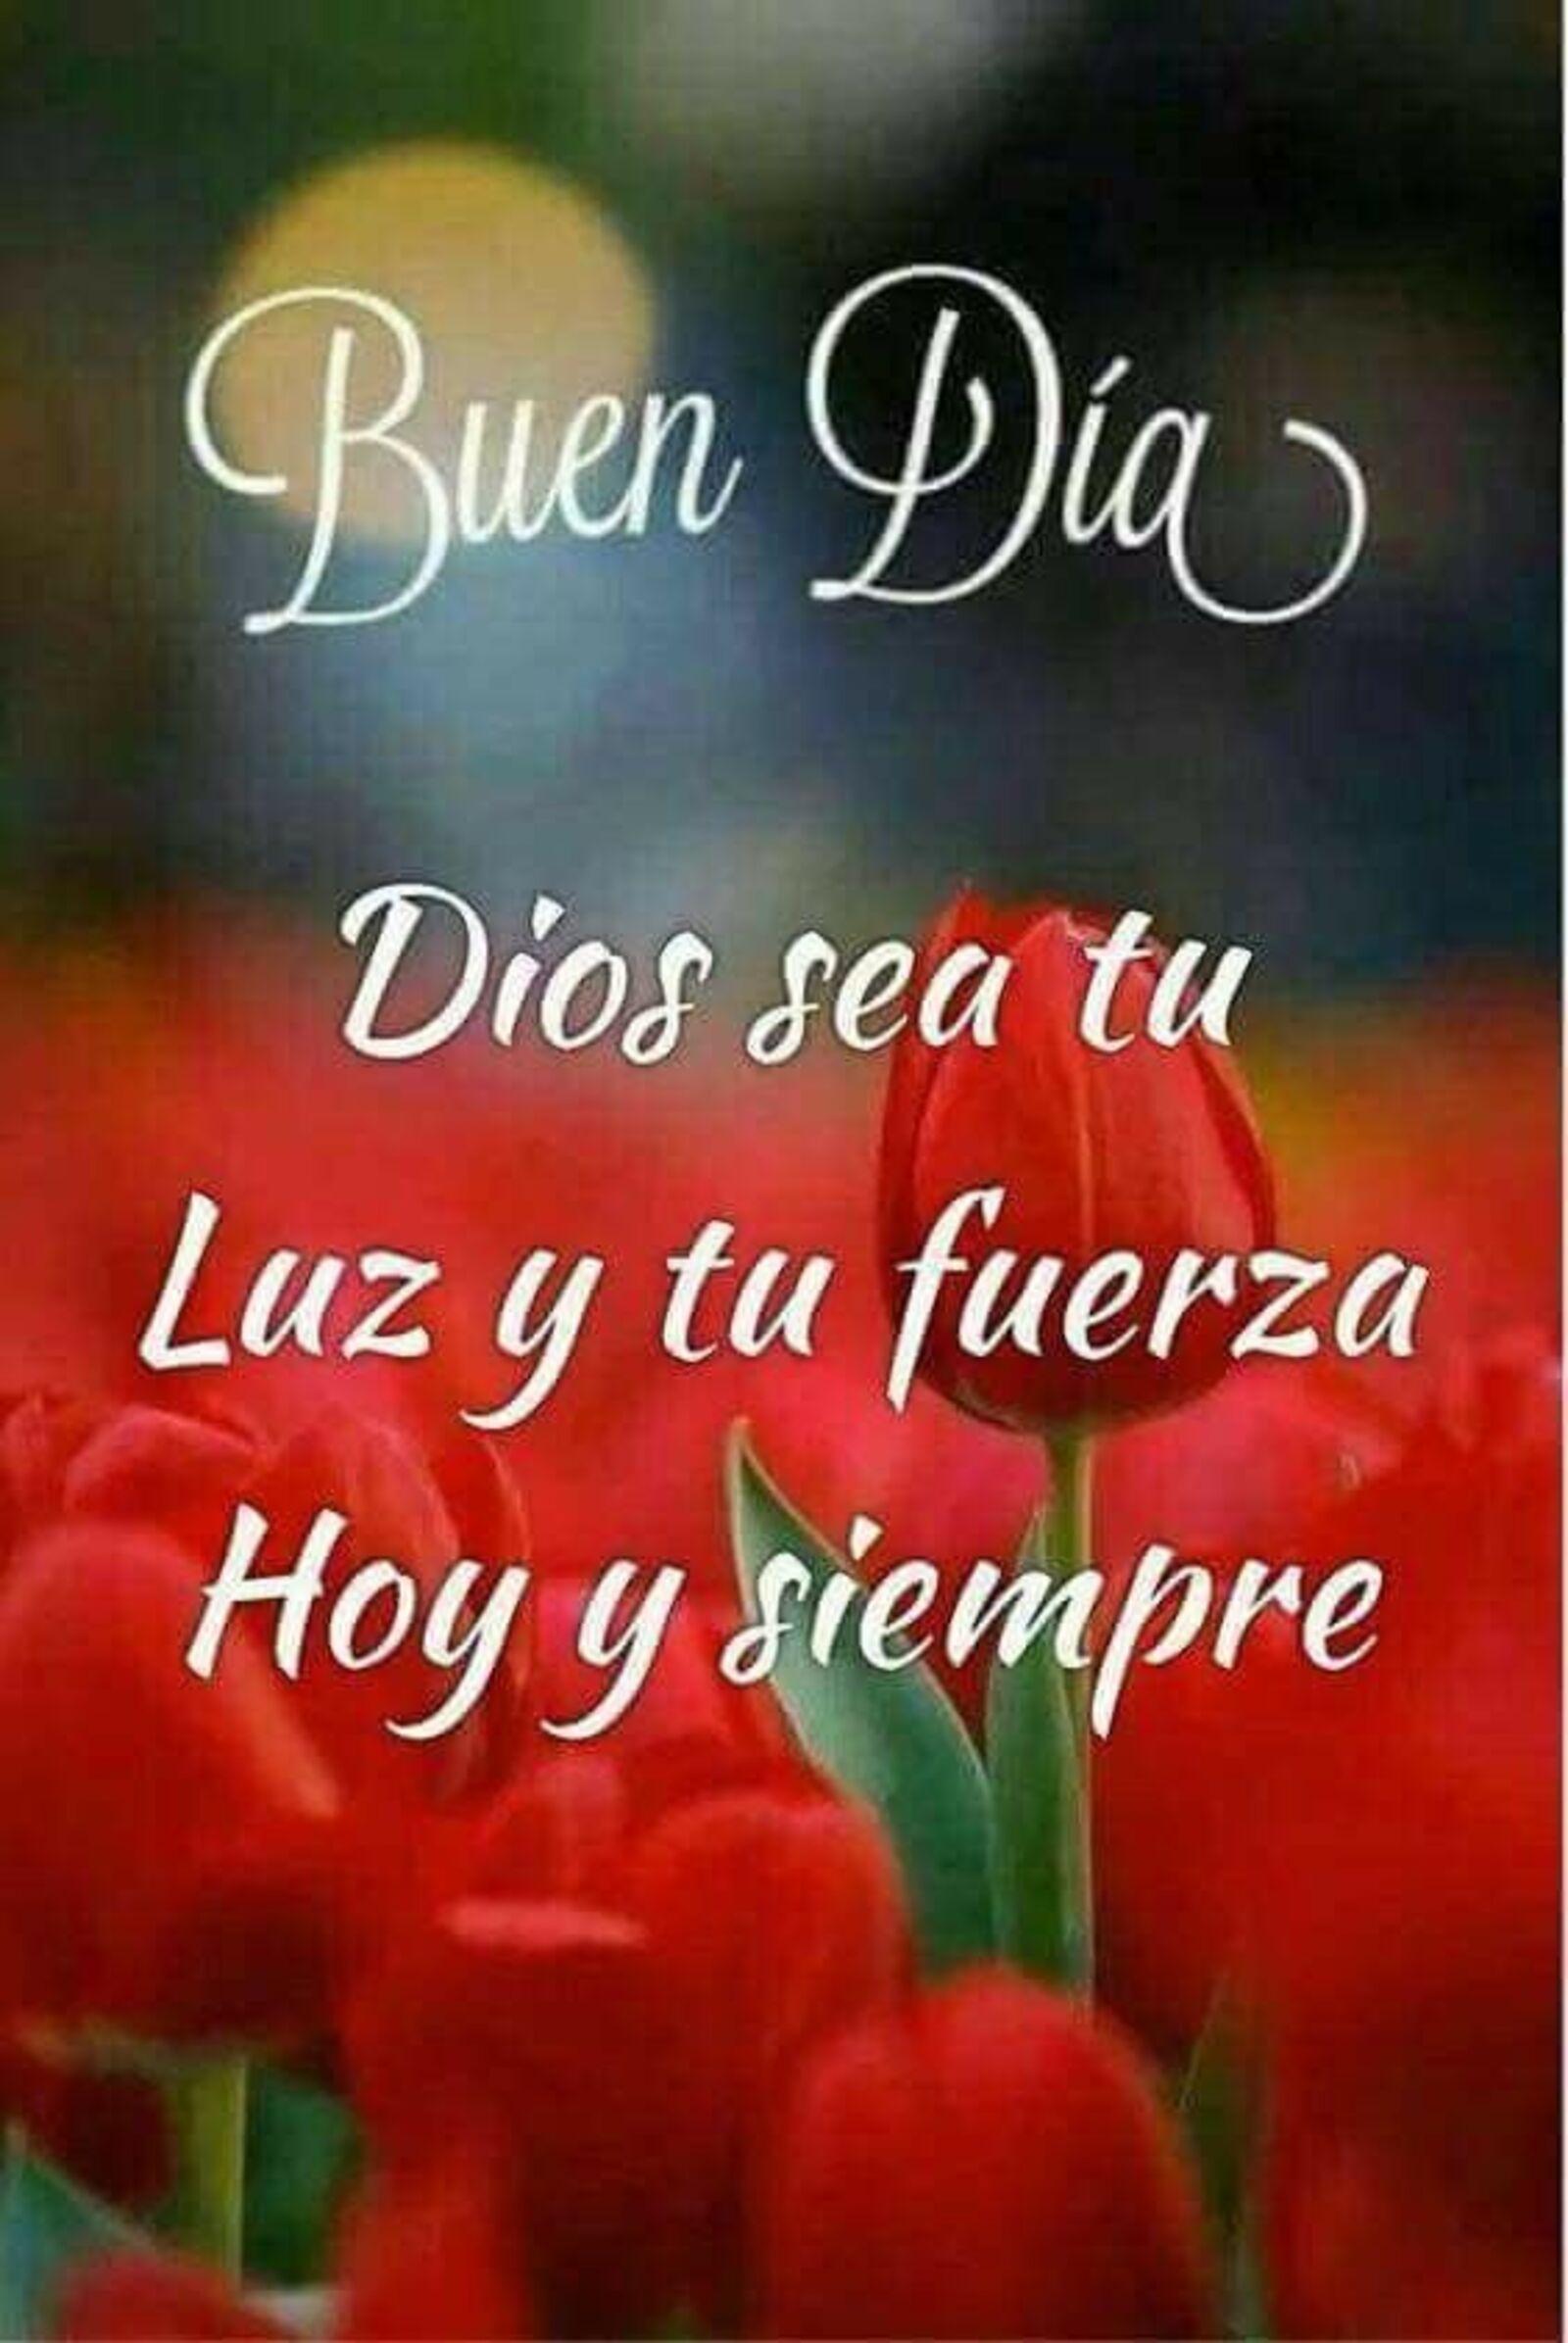 Buen día Dios sea tu luz y tu fuerza hoy y siempre